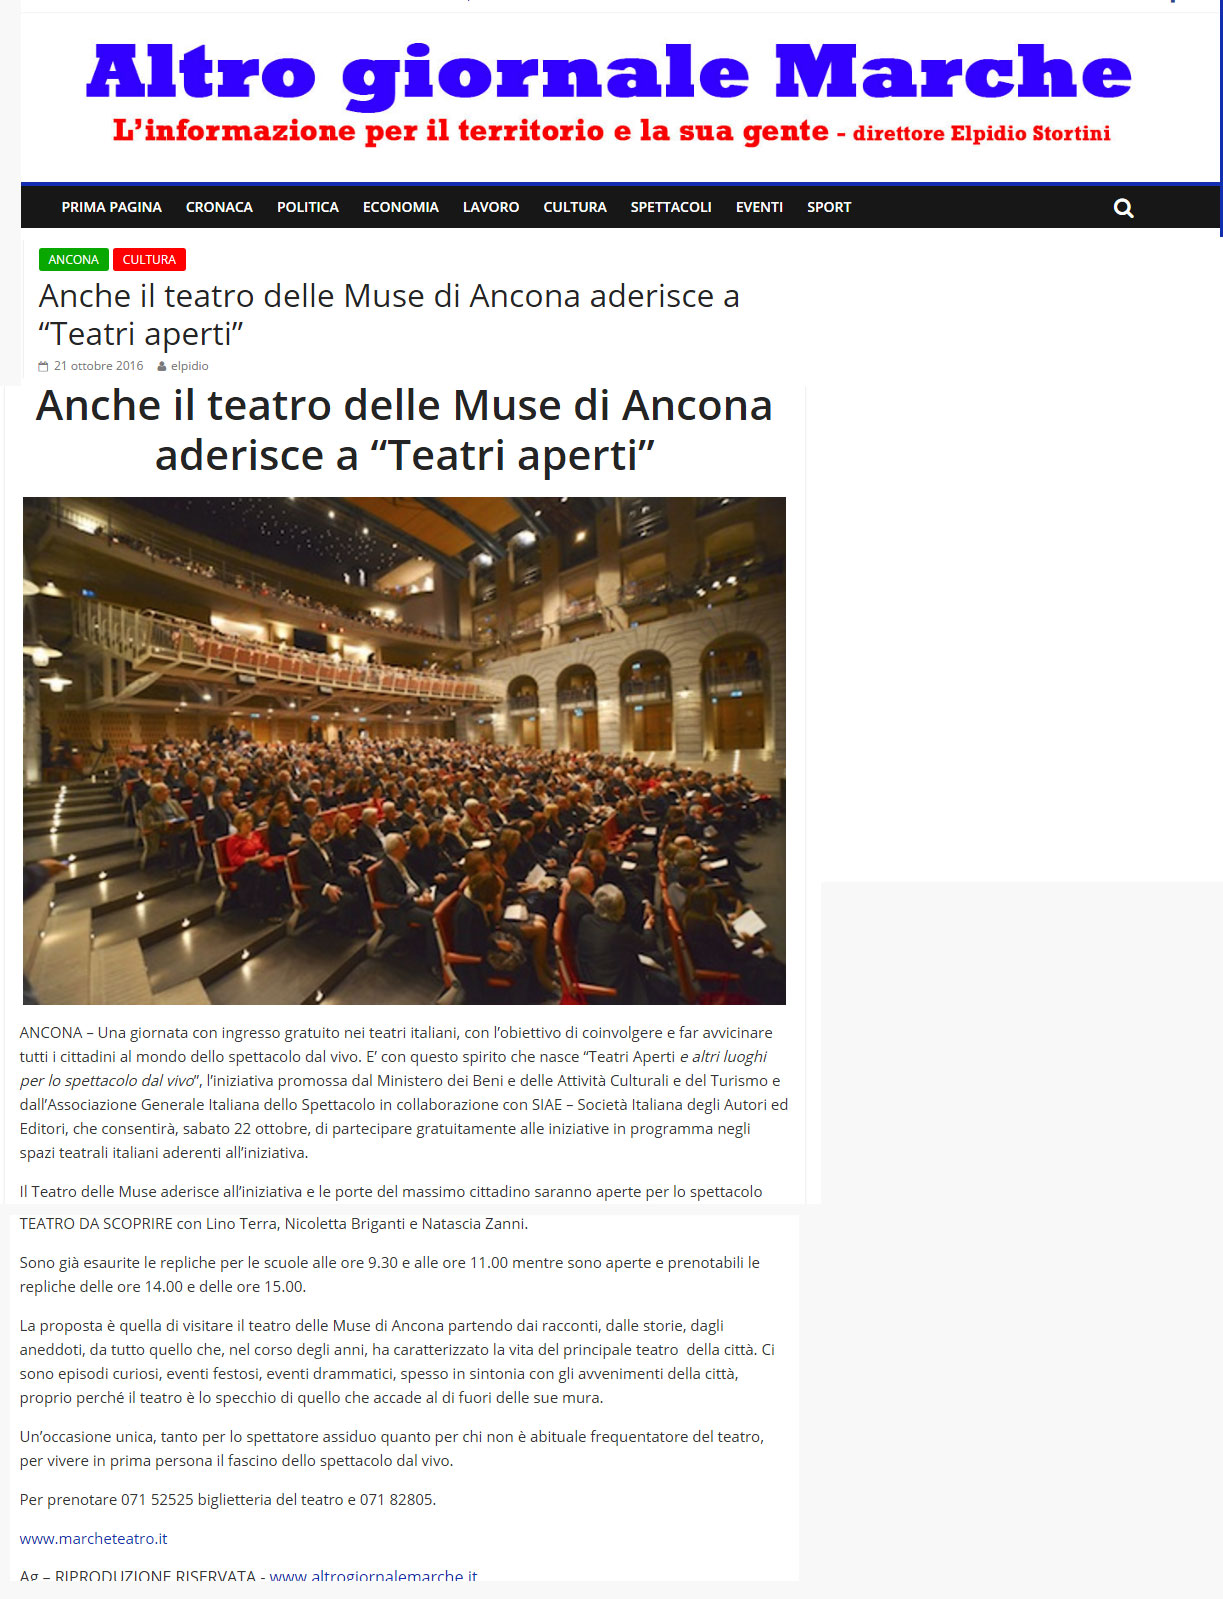 2016_10_21_anche-il-teatro-delle-musedi-ancona-aderisce-a-teatri-aperti_altro-giornale-delle-marche